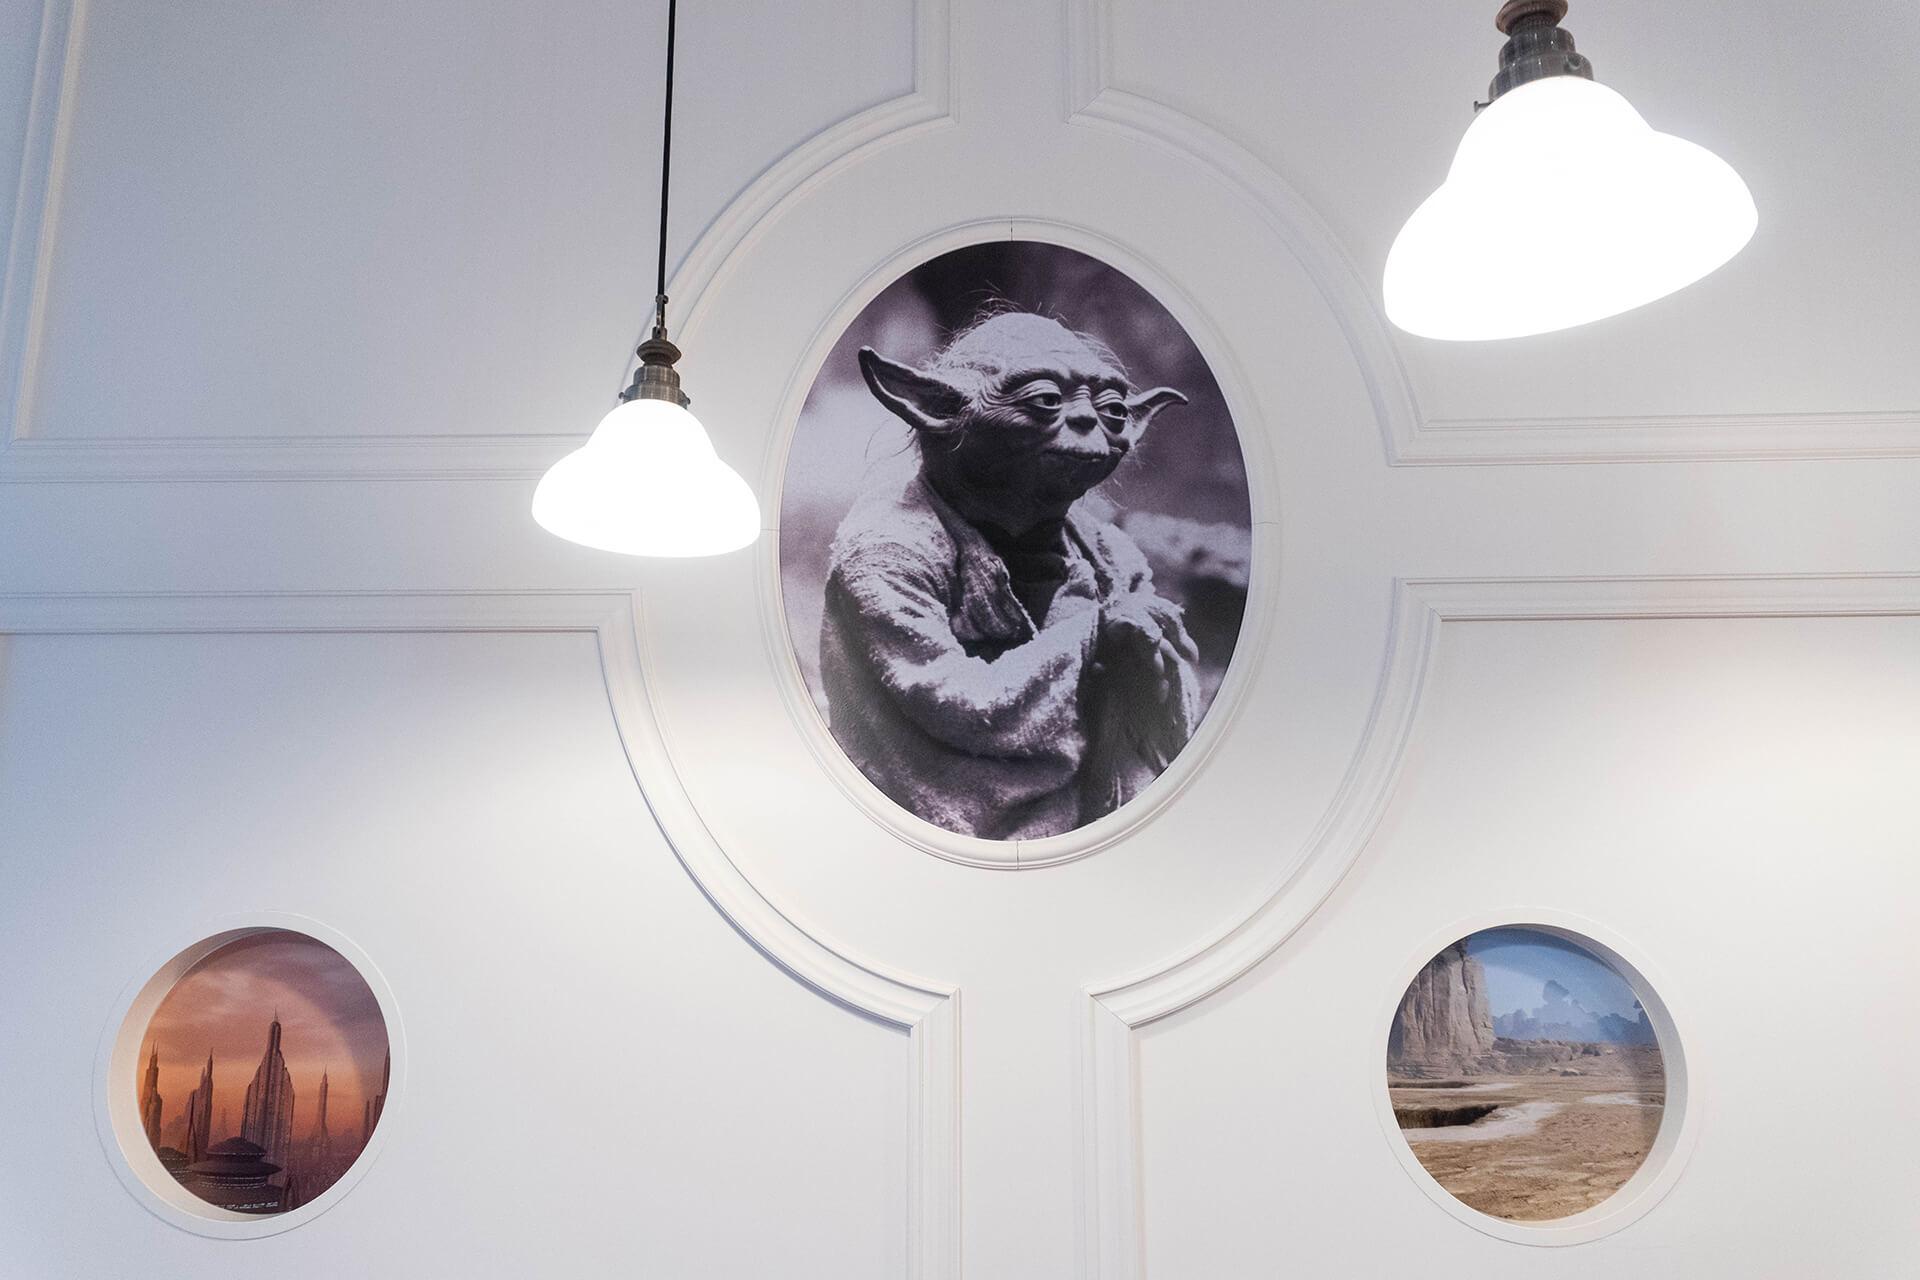 スターウォーズオーマイカフェ壁